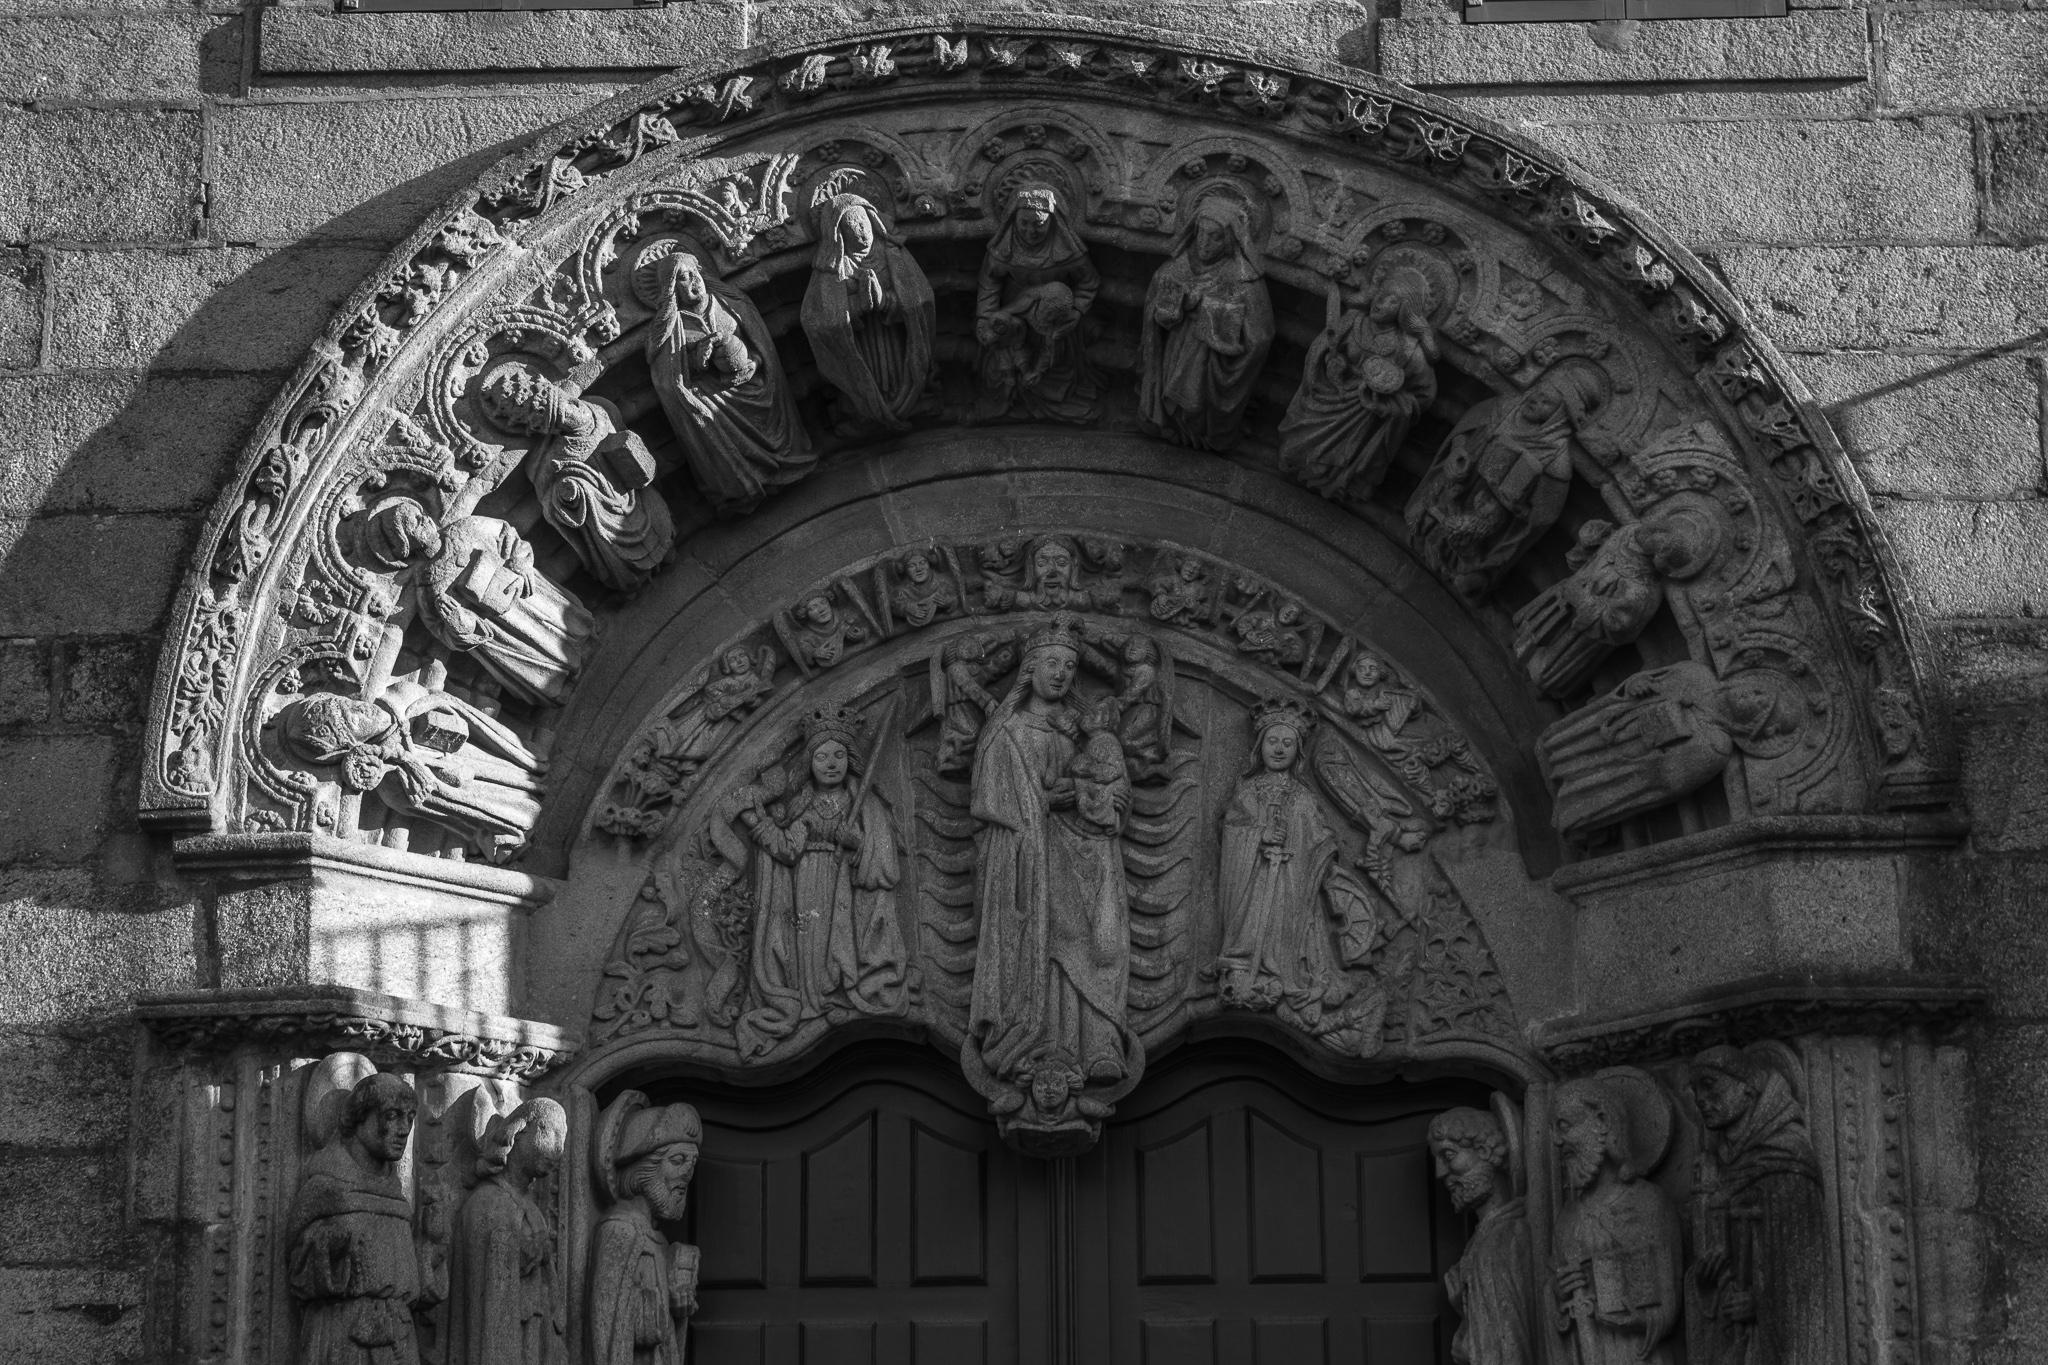 O colexio de San Xerome, que actualmente alberga o Reitorado da Universidade, é un antigo Colexio Maior situado na Praza do Obradoiro. Fundado polo arcebispo Fonseca III coa idea de albergar a estudantes pobres, a súa portada gótica (1490-1500) mostra a imaxe da Virxe e o neno, no tímpano, secundada por diferentes santos.